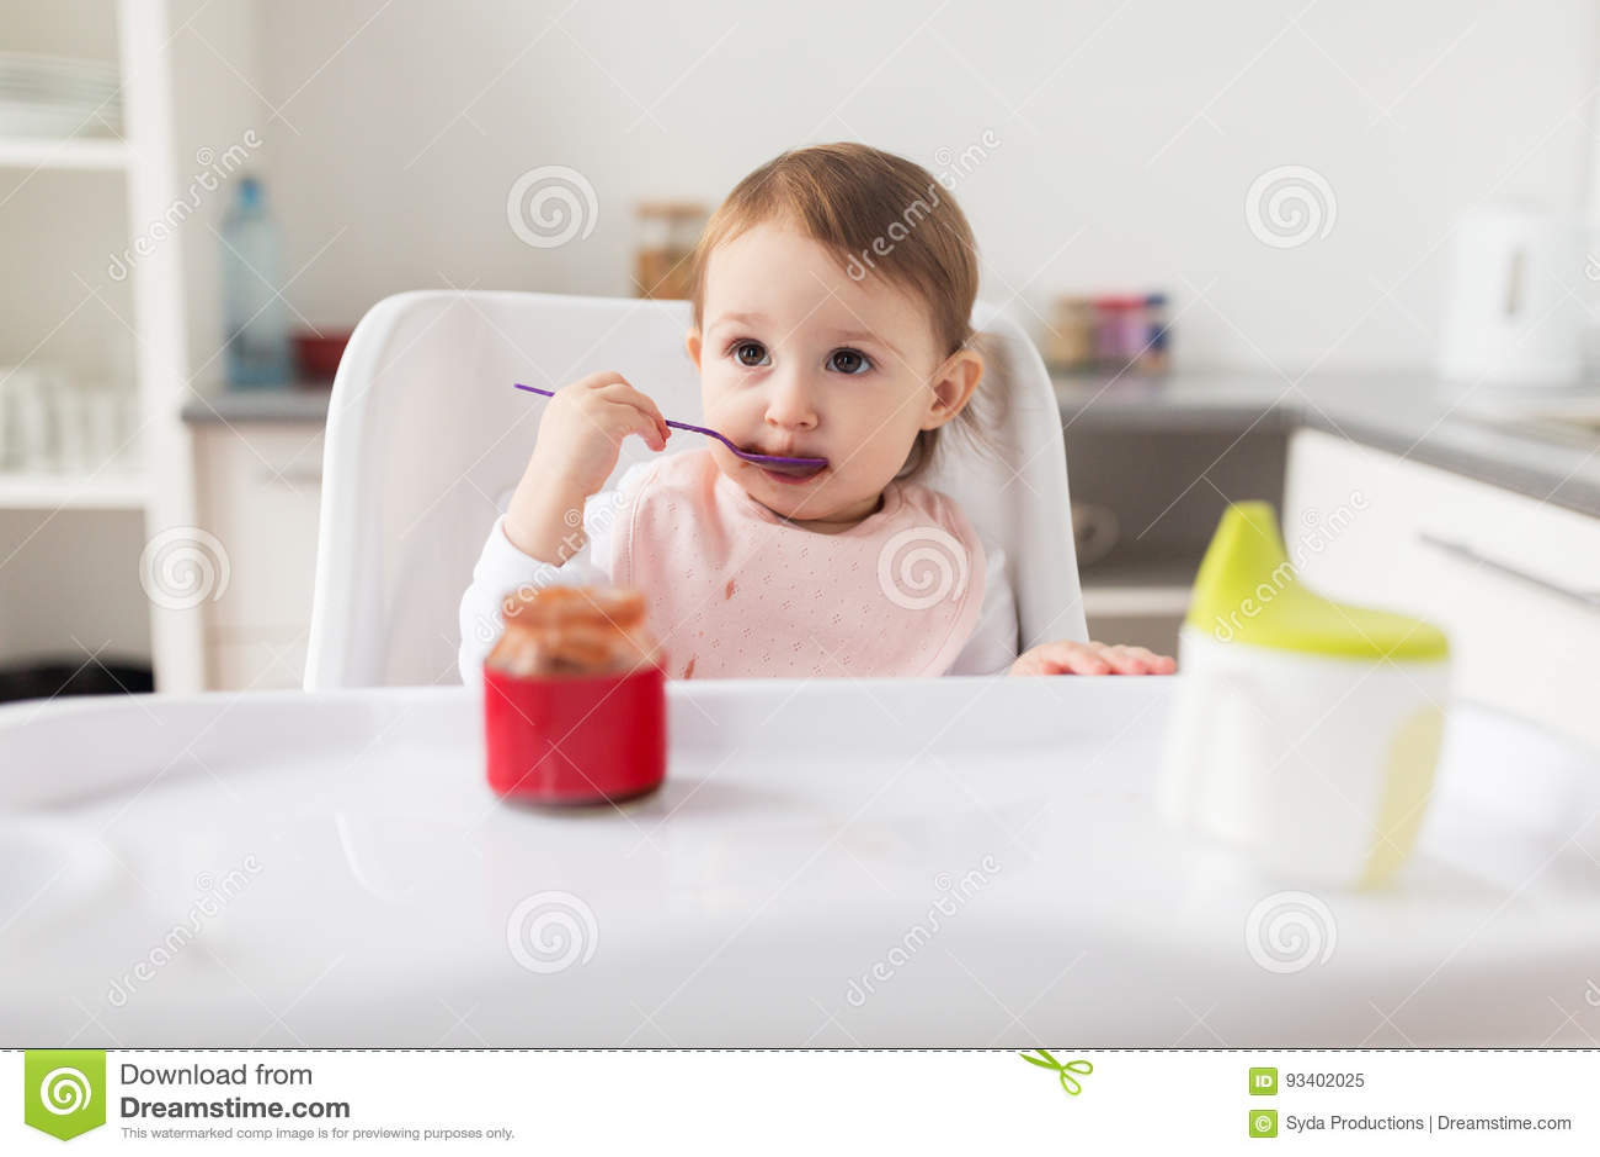 Κοριτσάκι με το κουτάλι που τρώει τον πουρέ από το βάζο στο σπίτι